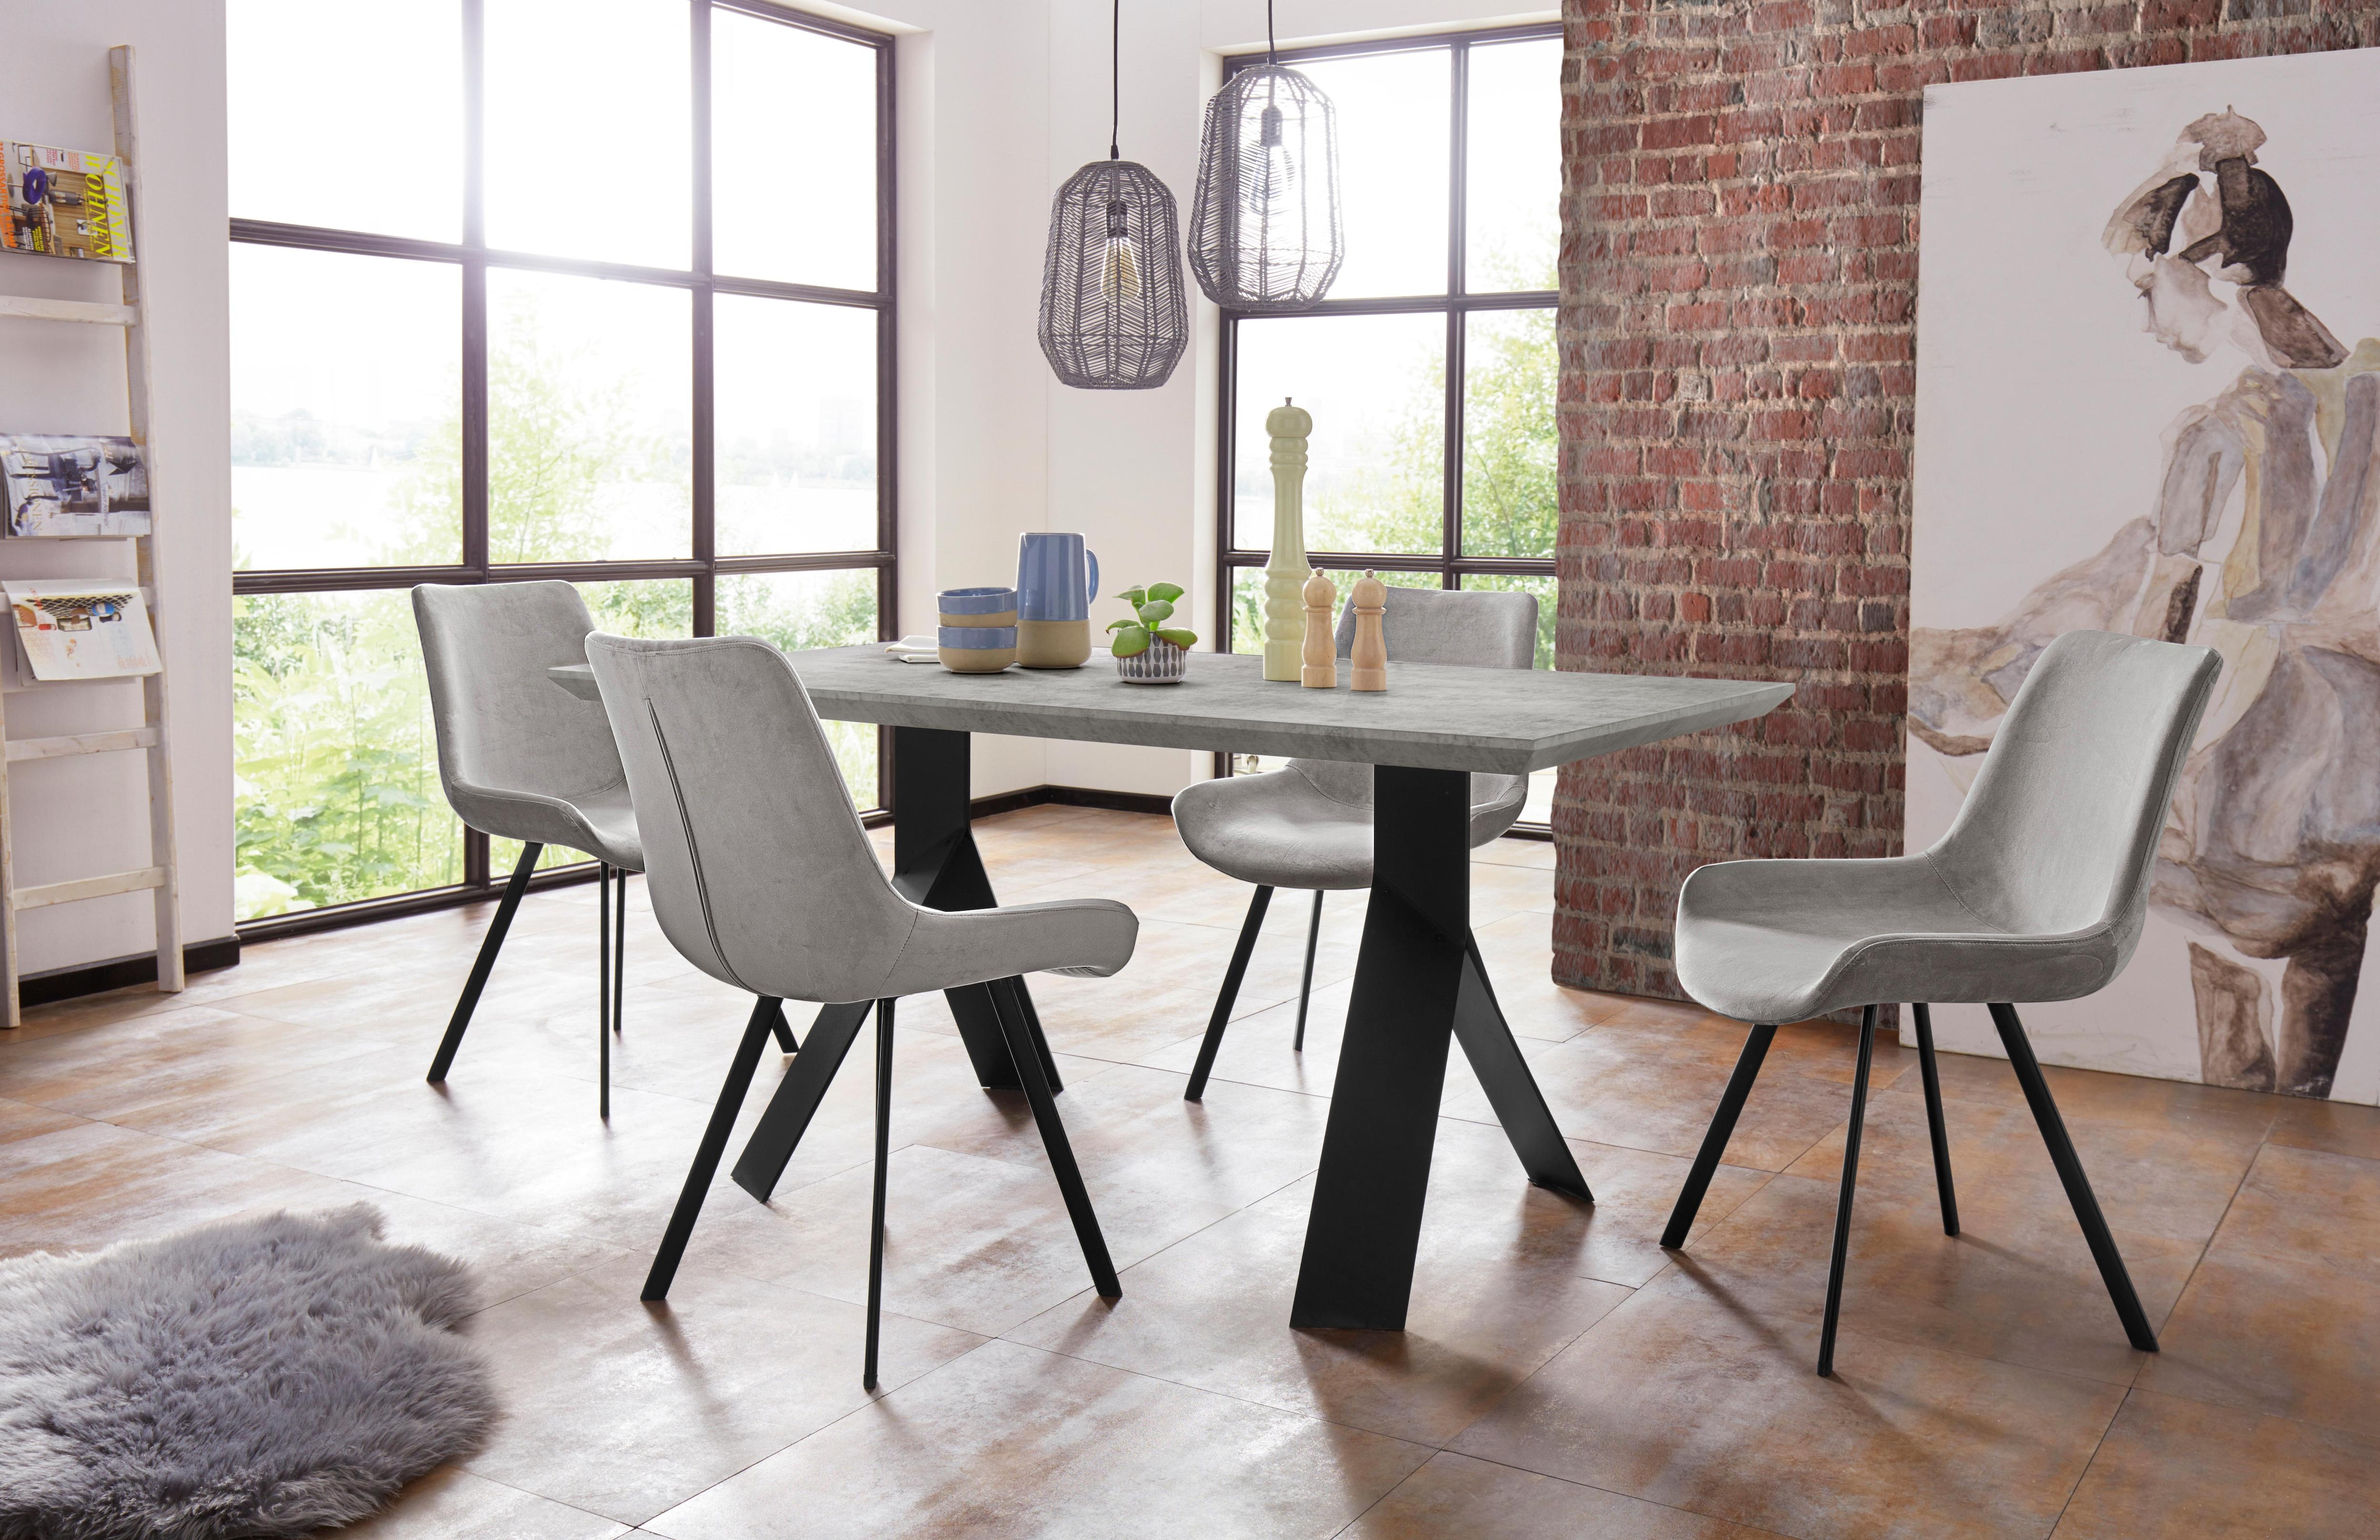 steiner esszimmerst hle online kaufen m bel suchmaschine. Black Bedroom Furniture Sets. Home Design Ideas